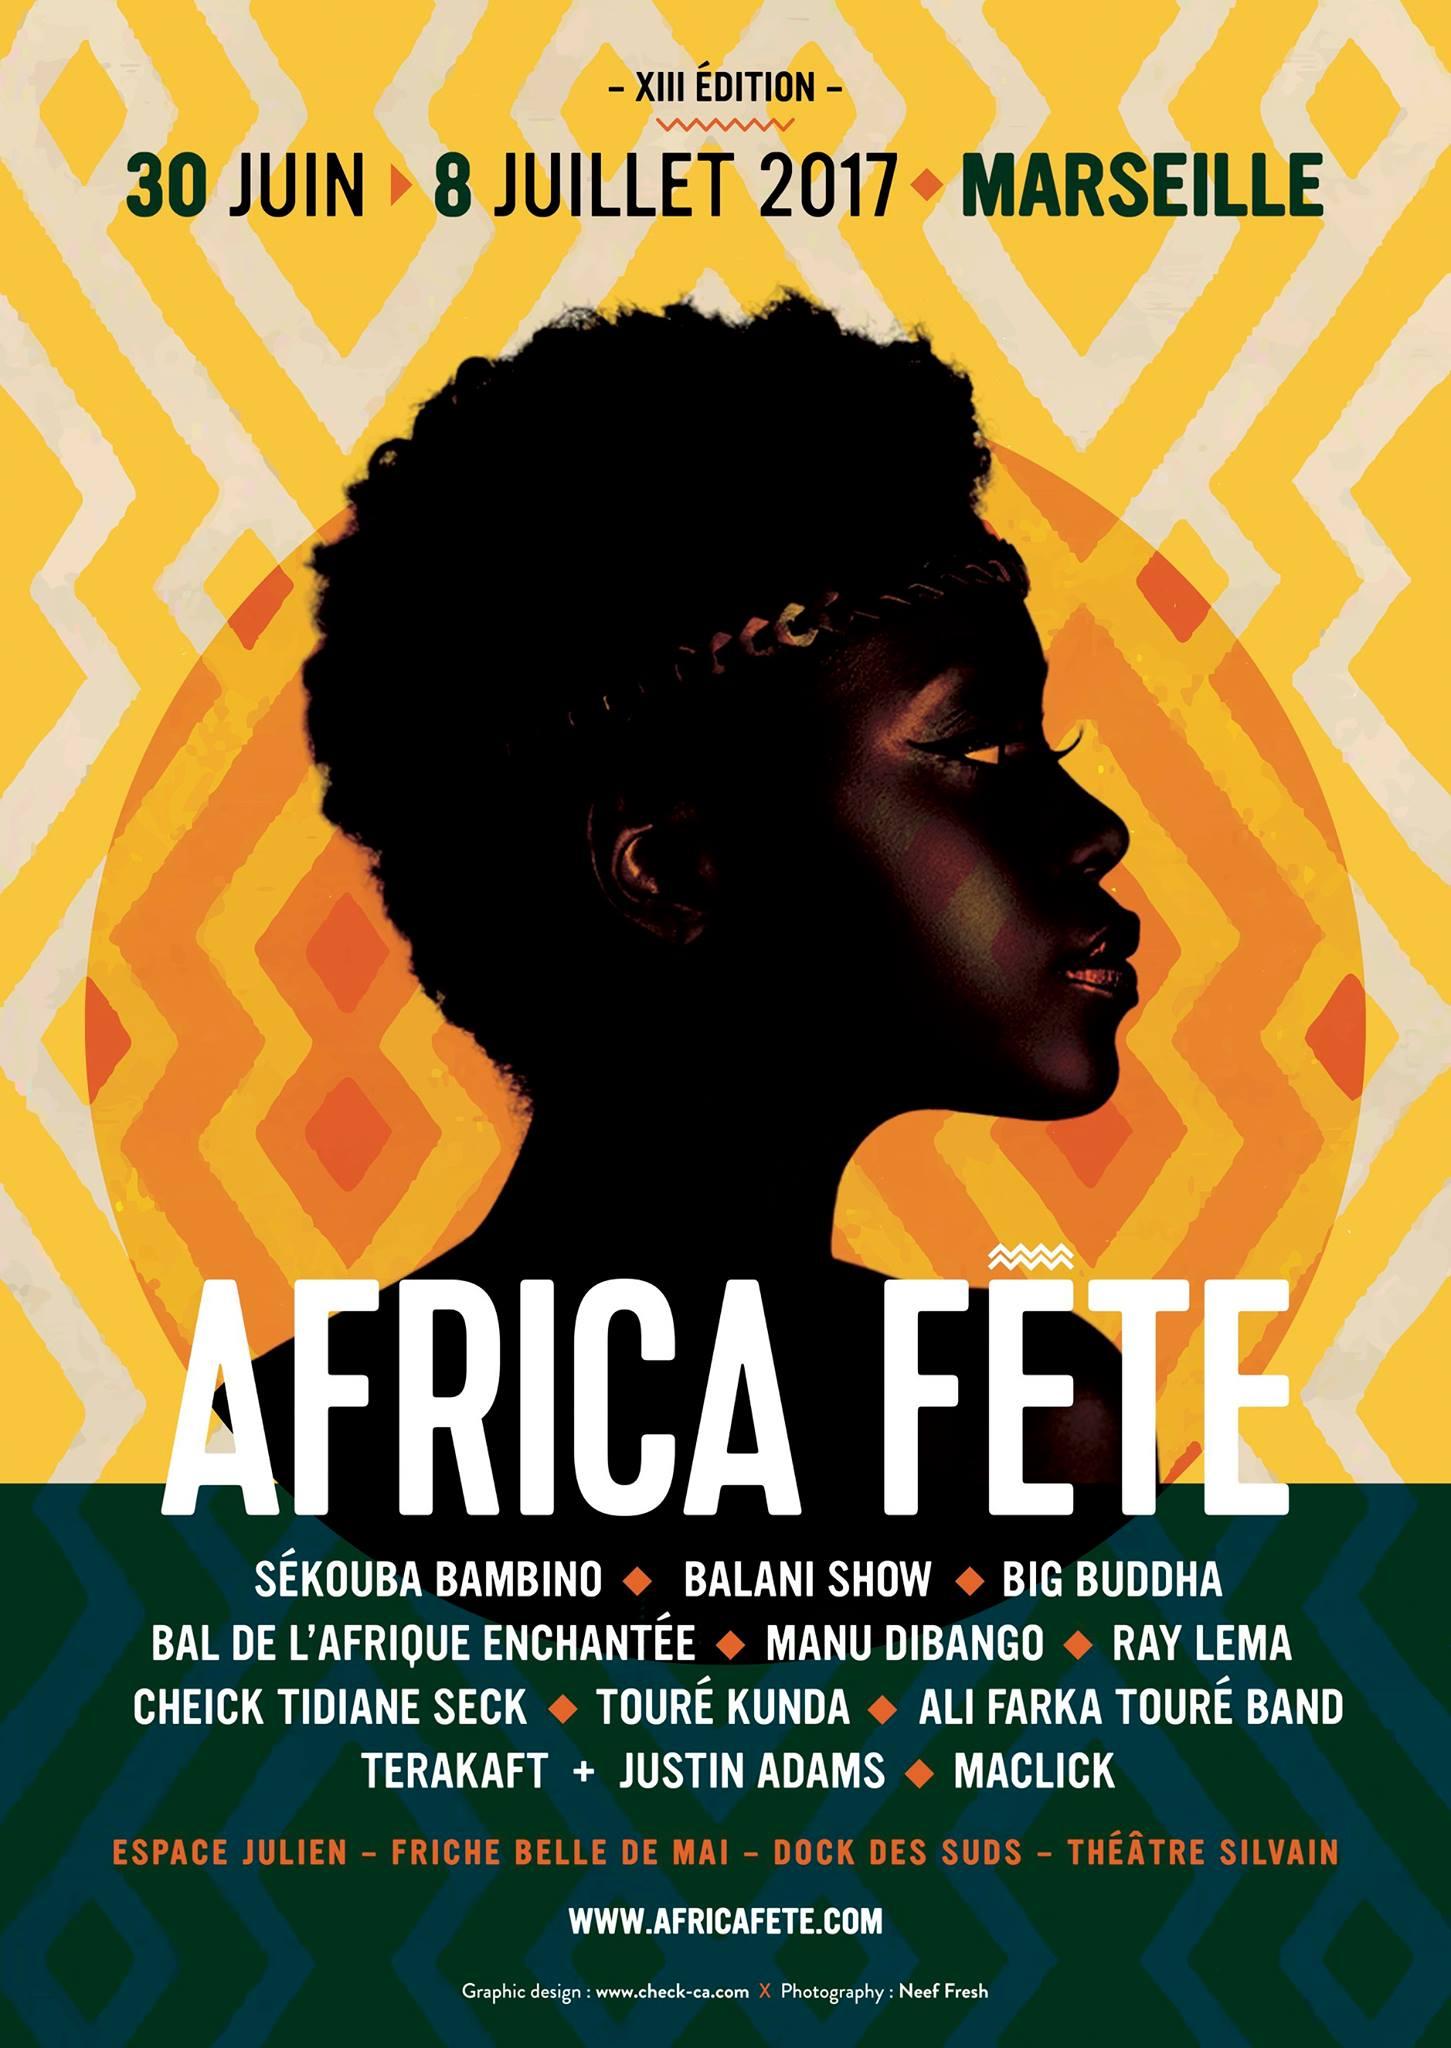 FESTIVAL AFRICA FETE 2017 : Marseille rendra hommage à Mamadou Konté